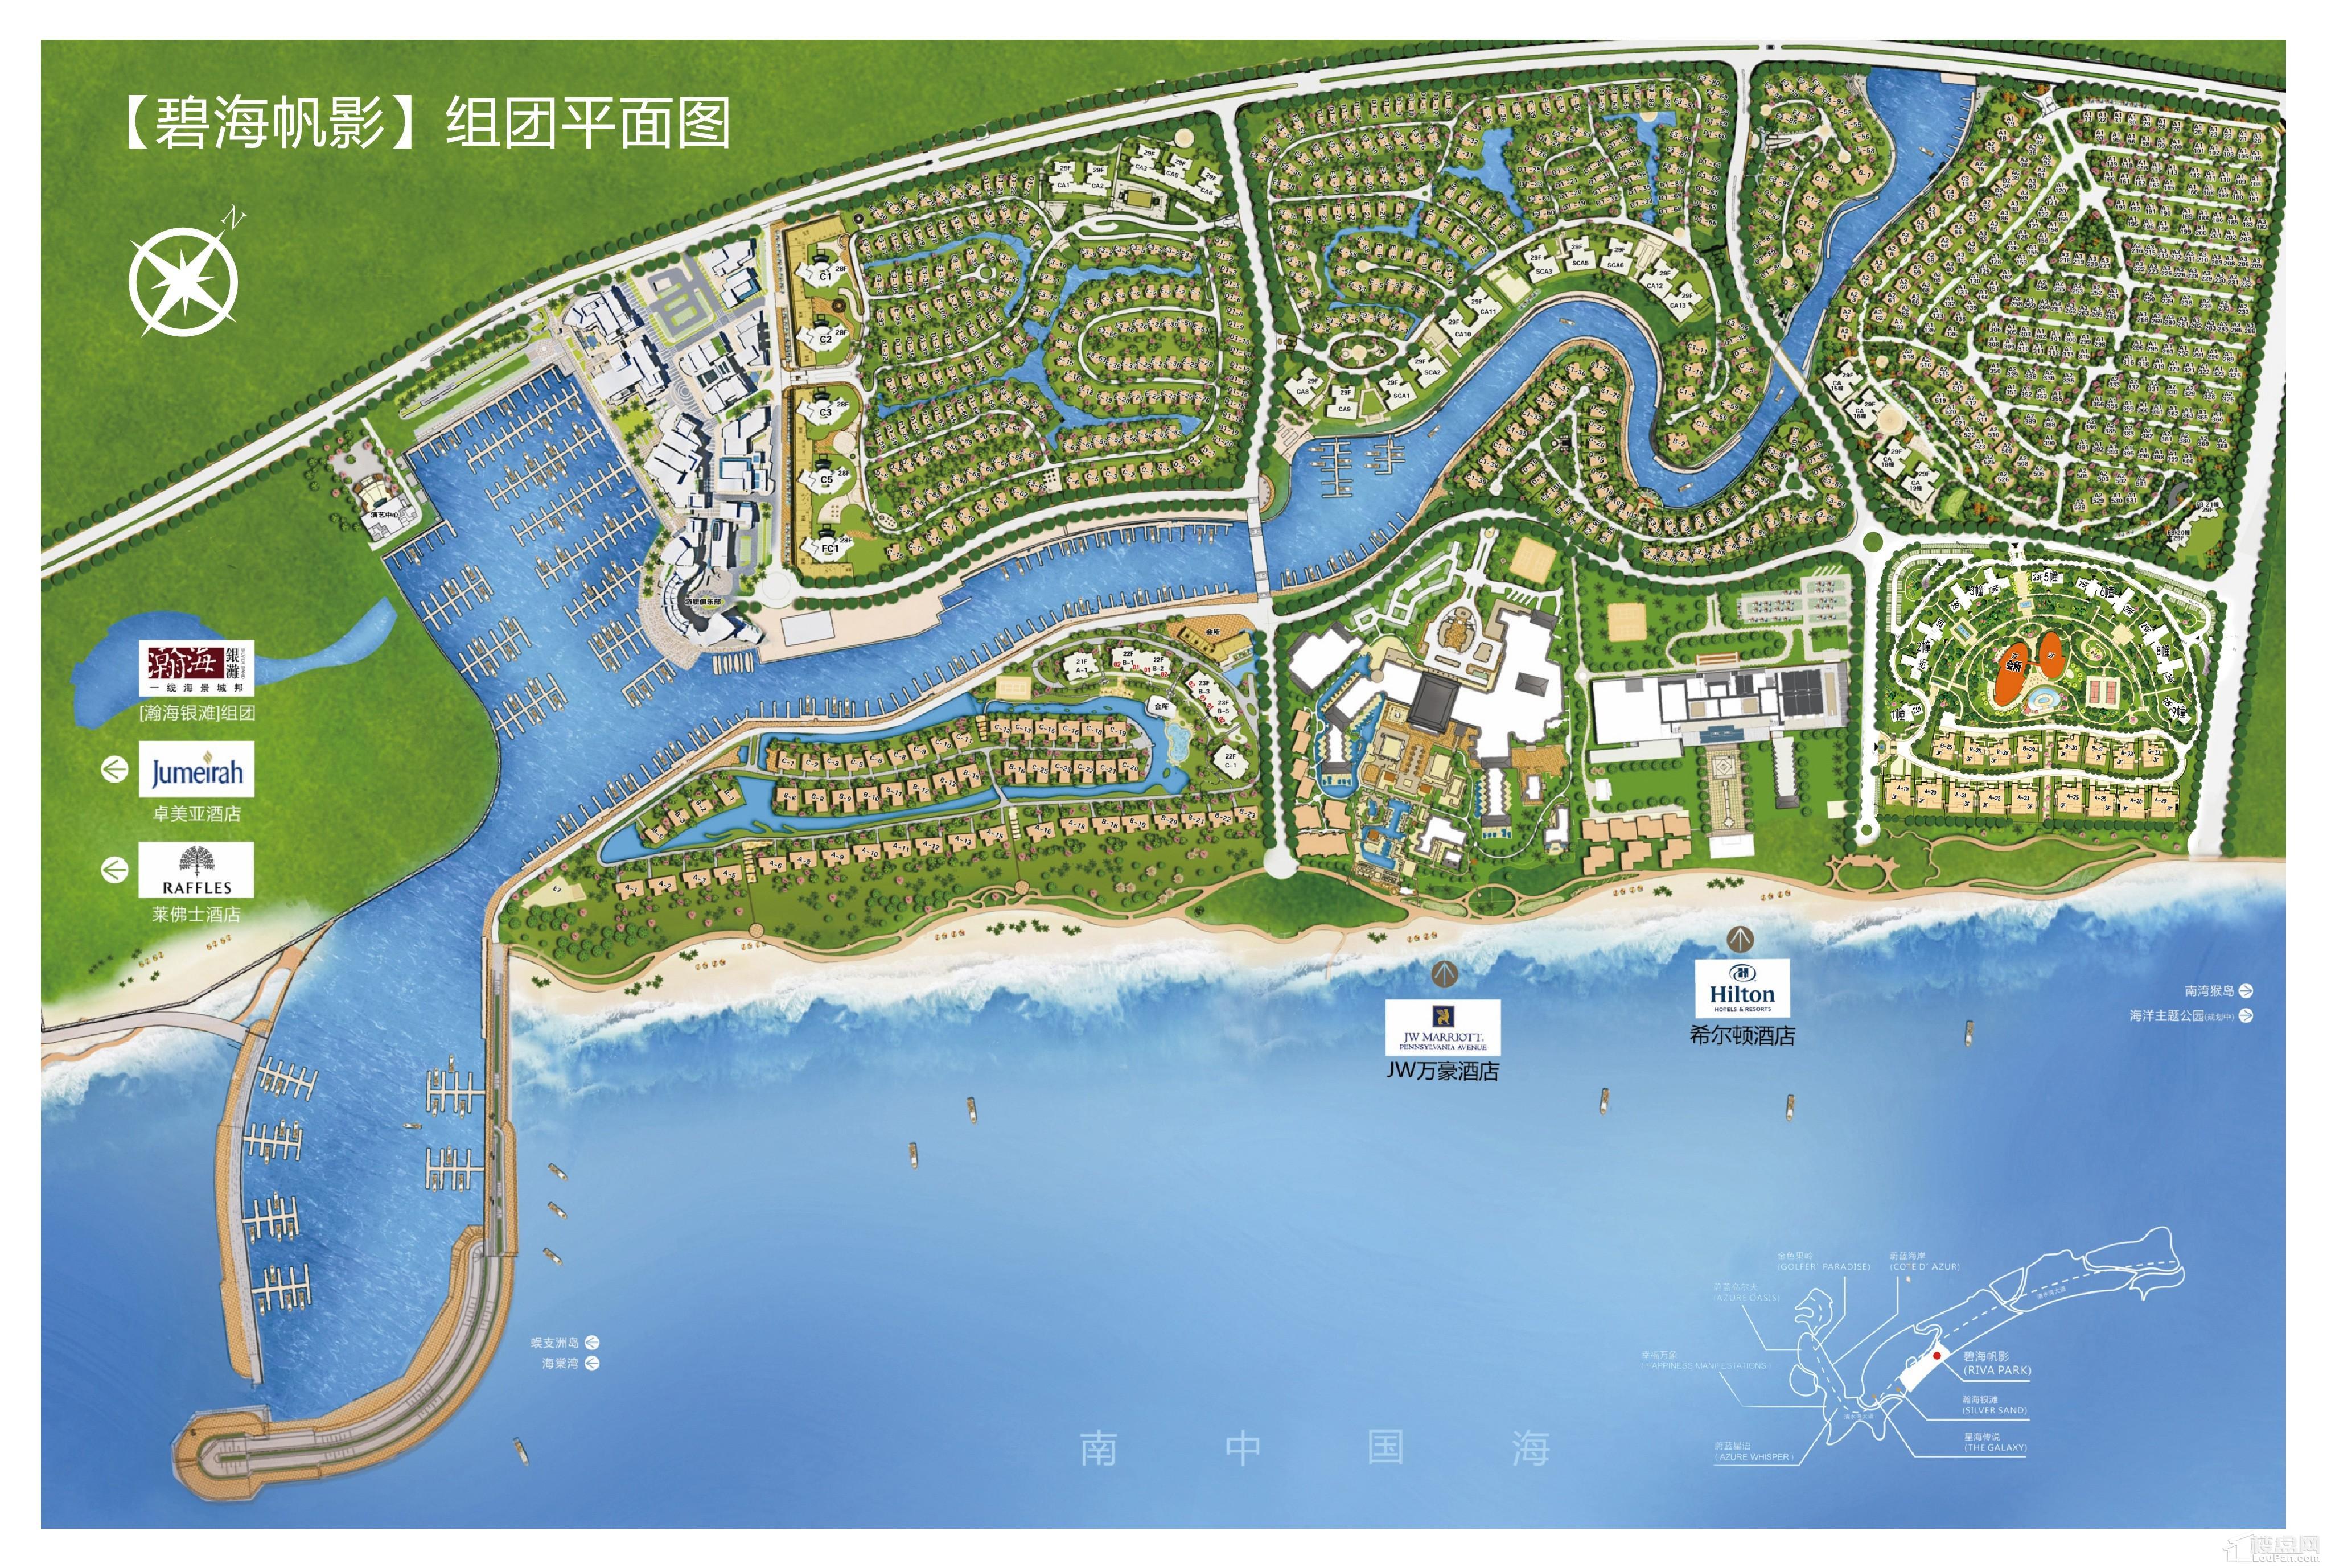 雅居乐清水湾位置图